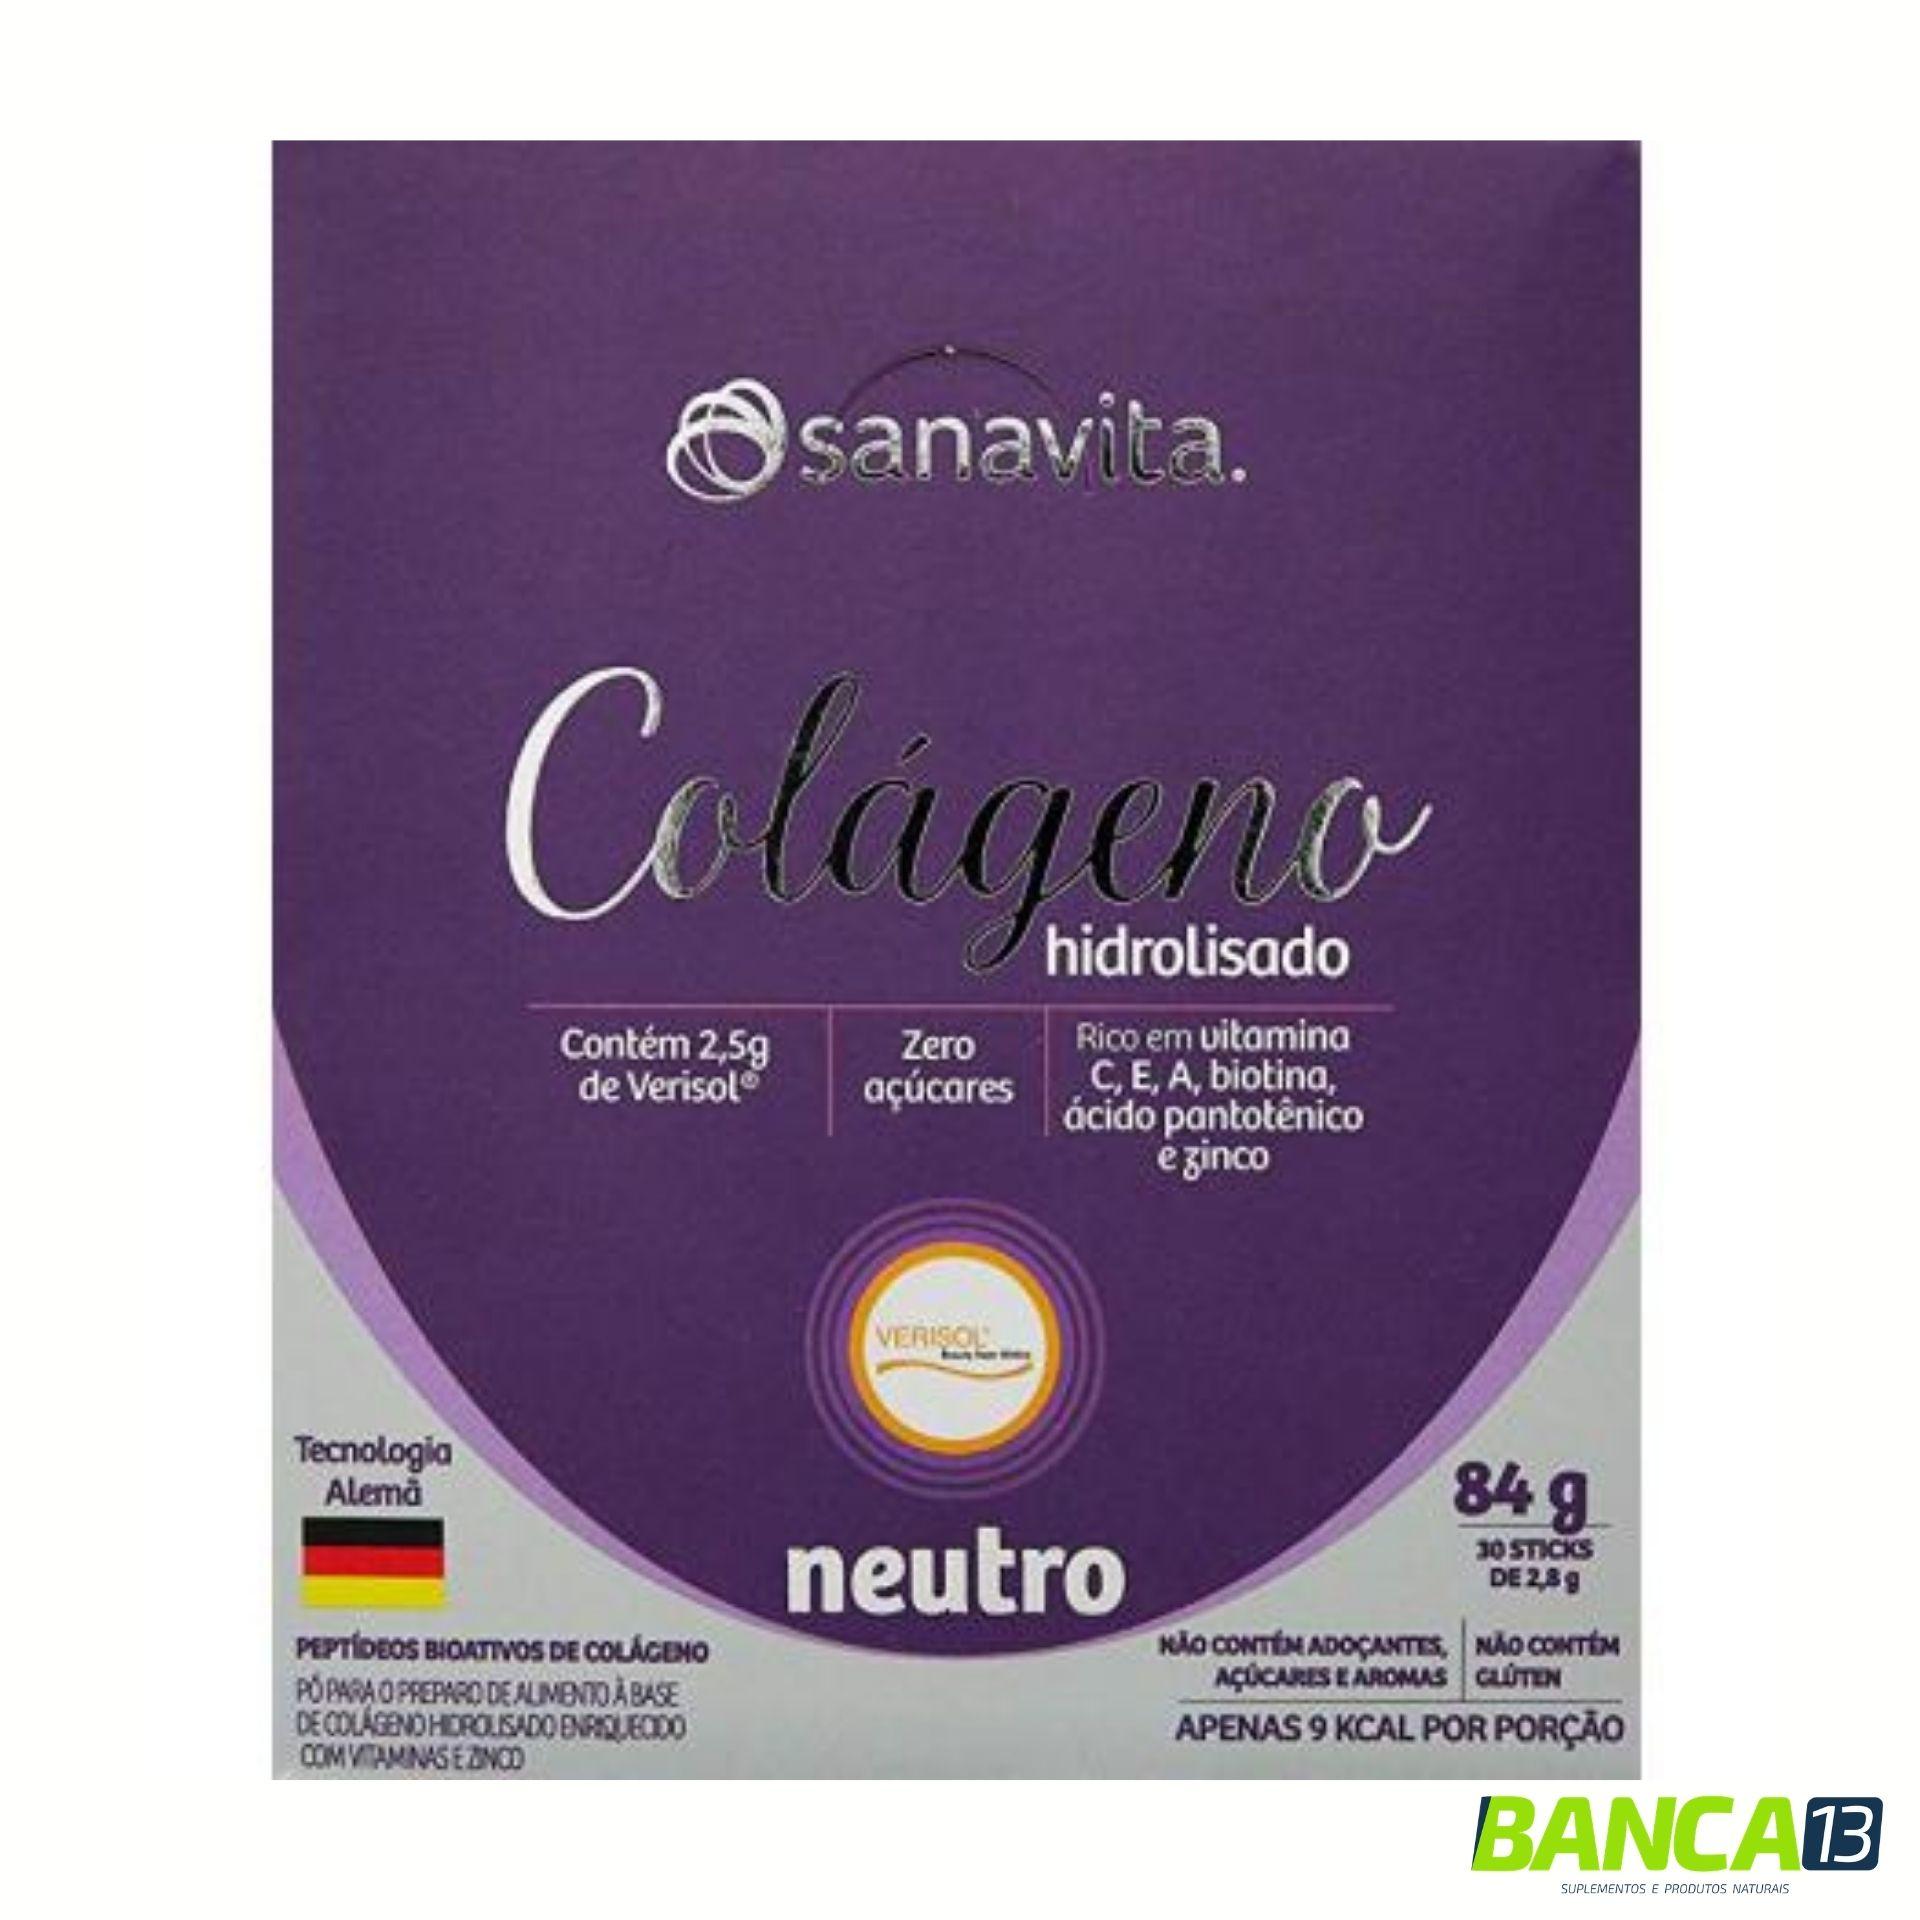 Colágeno Hidrolisado - Verisol - 30 saches - Sanavita